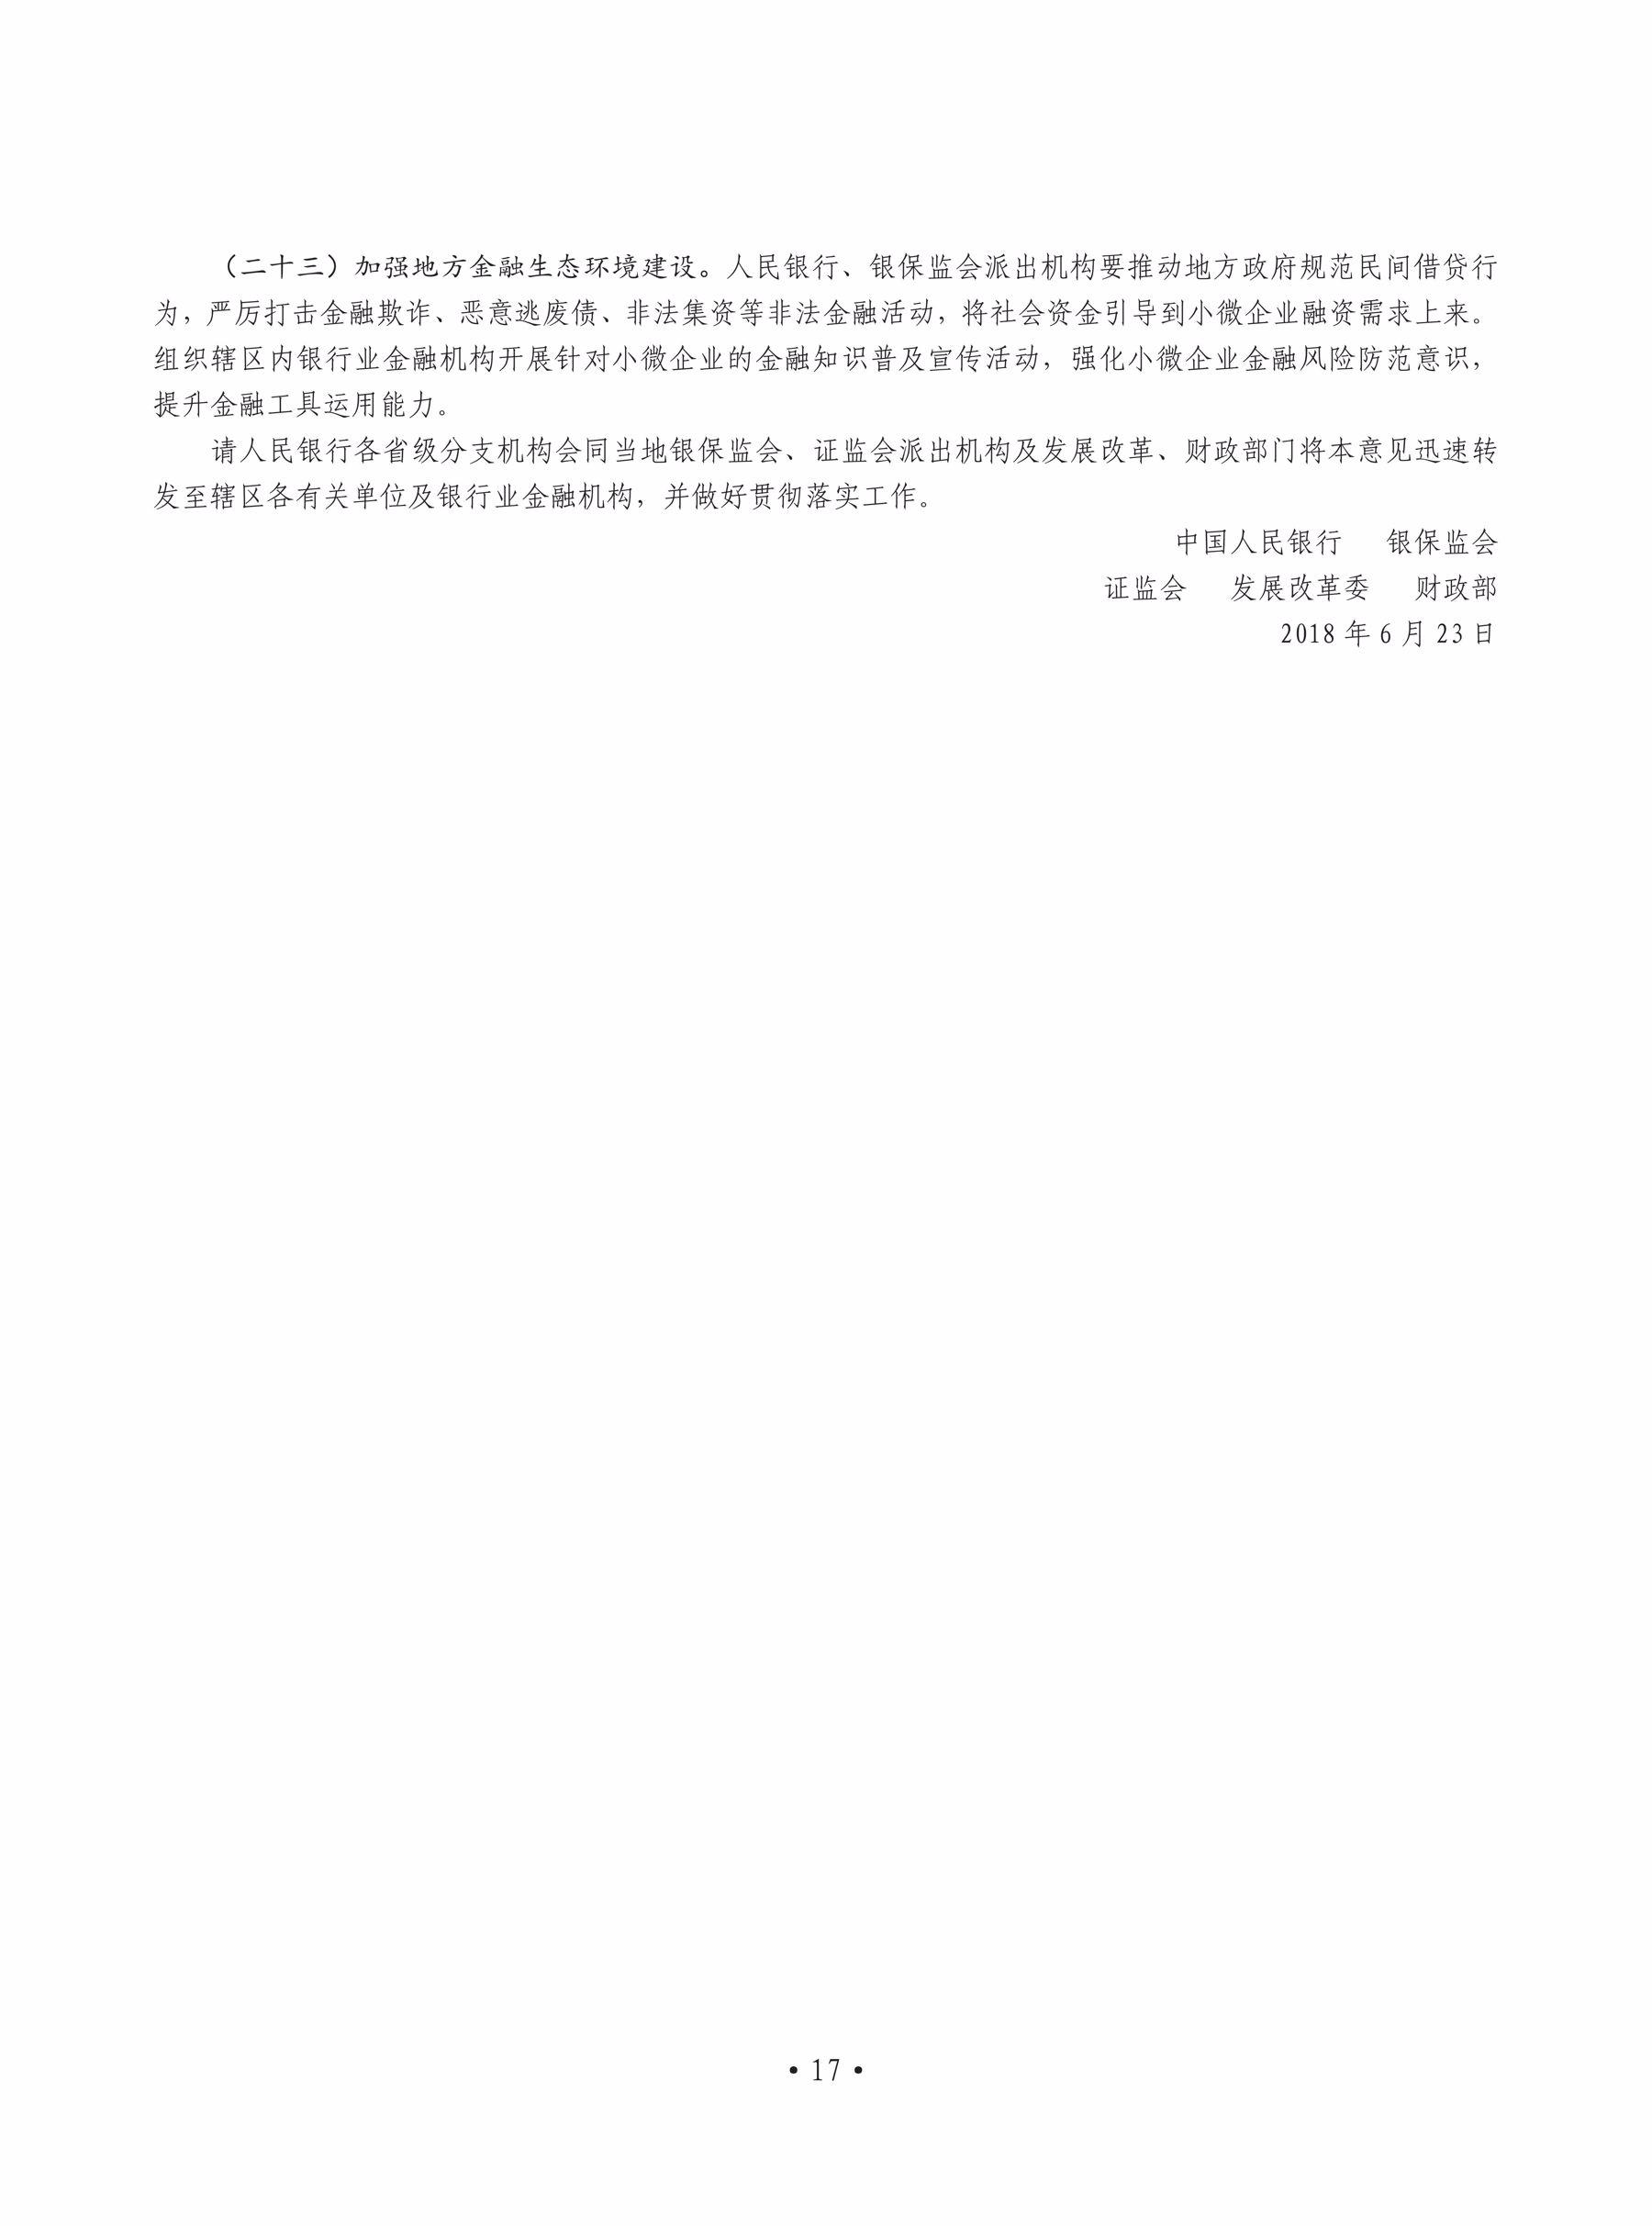 促进中小企业发展政策 11.12(确认印刷)_20.jpg